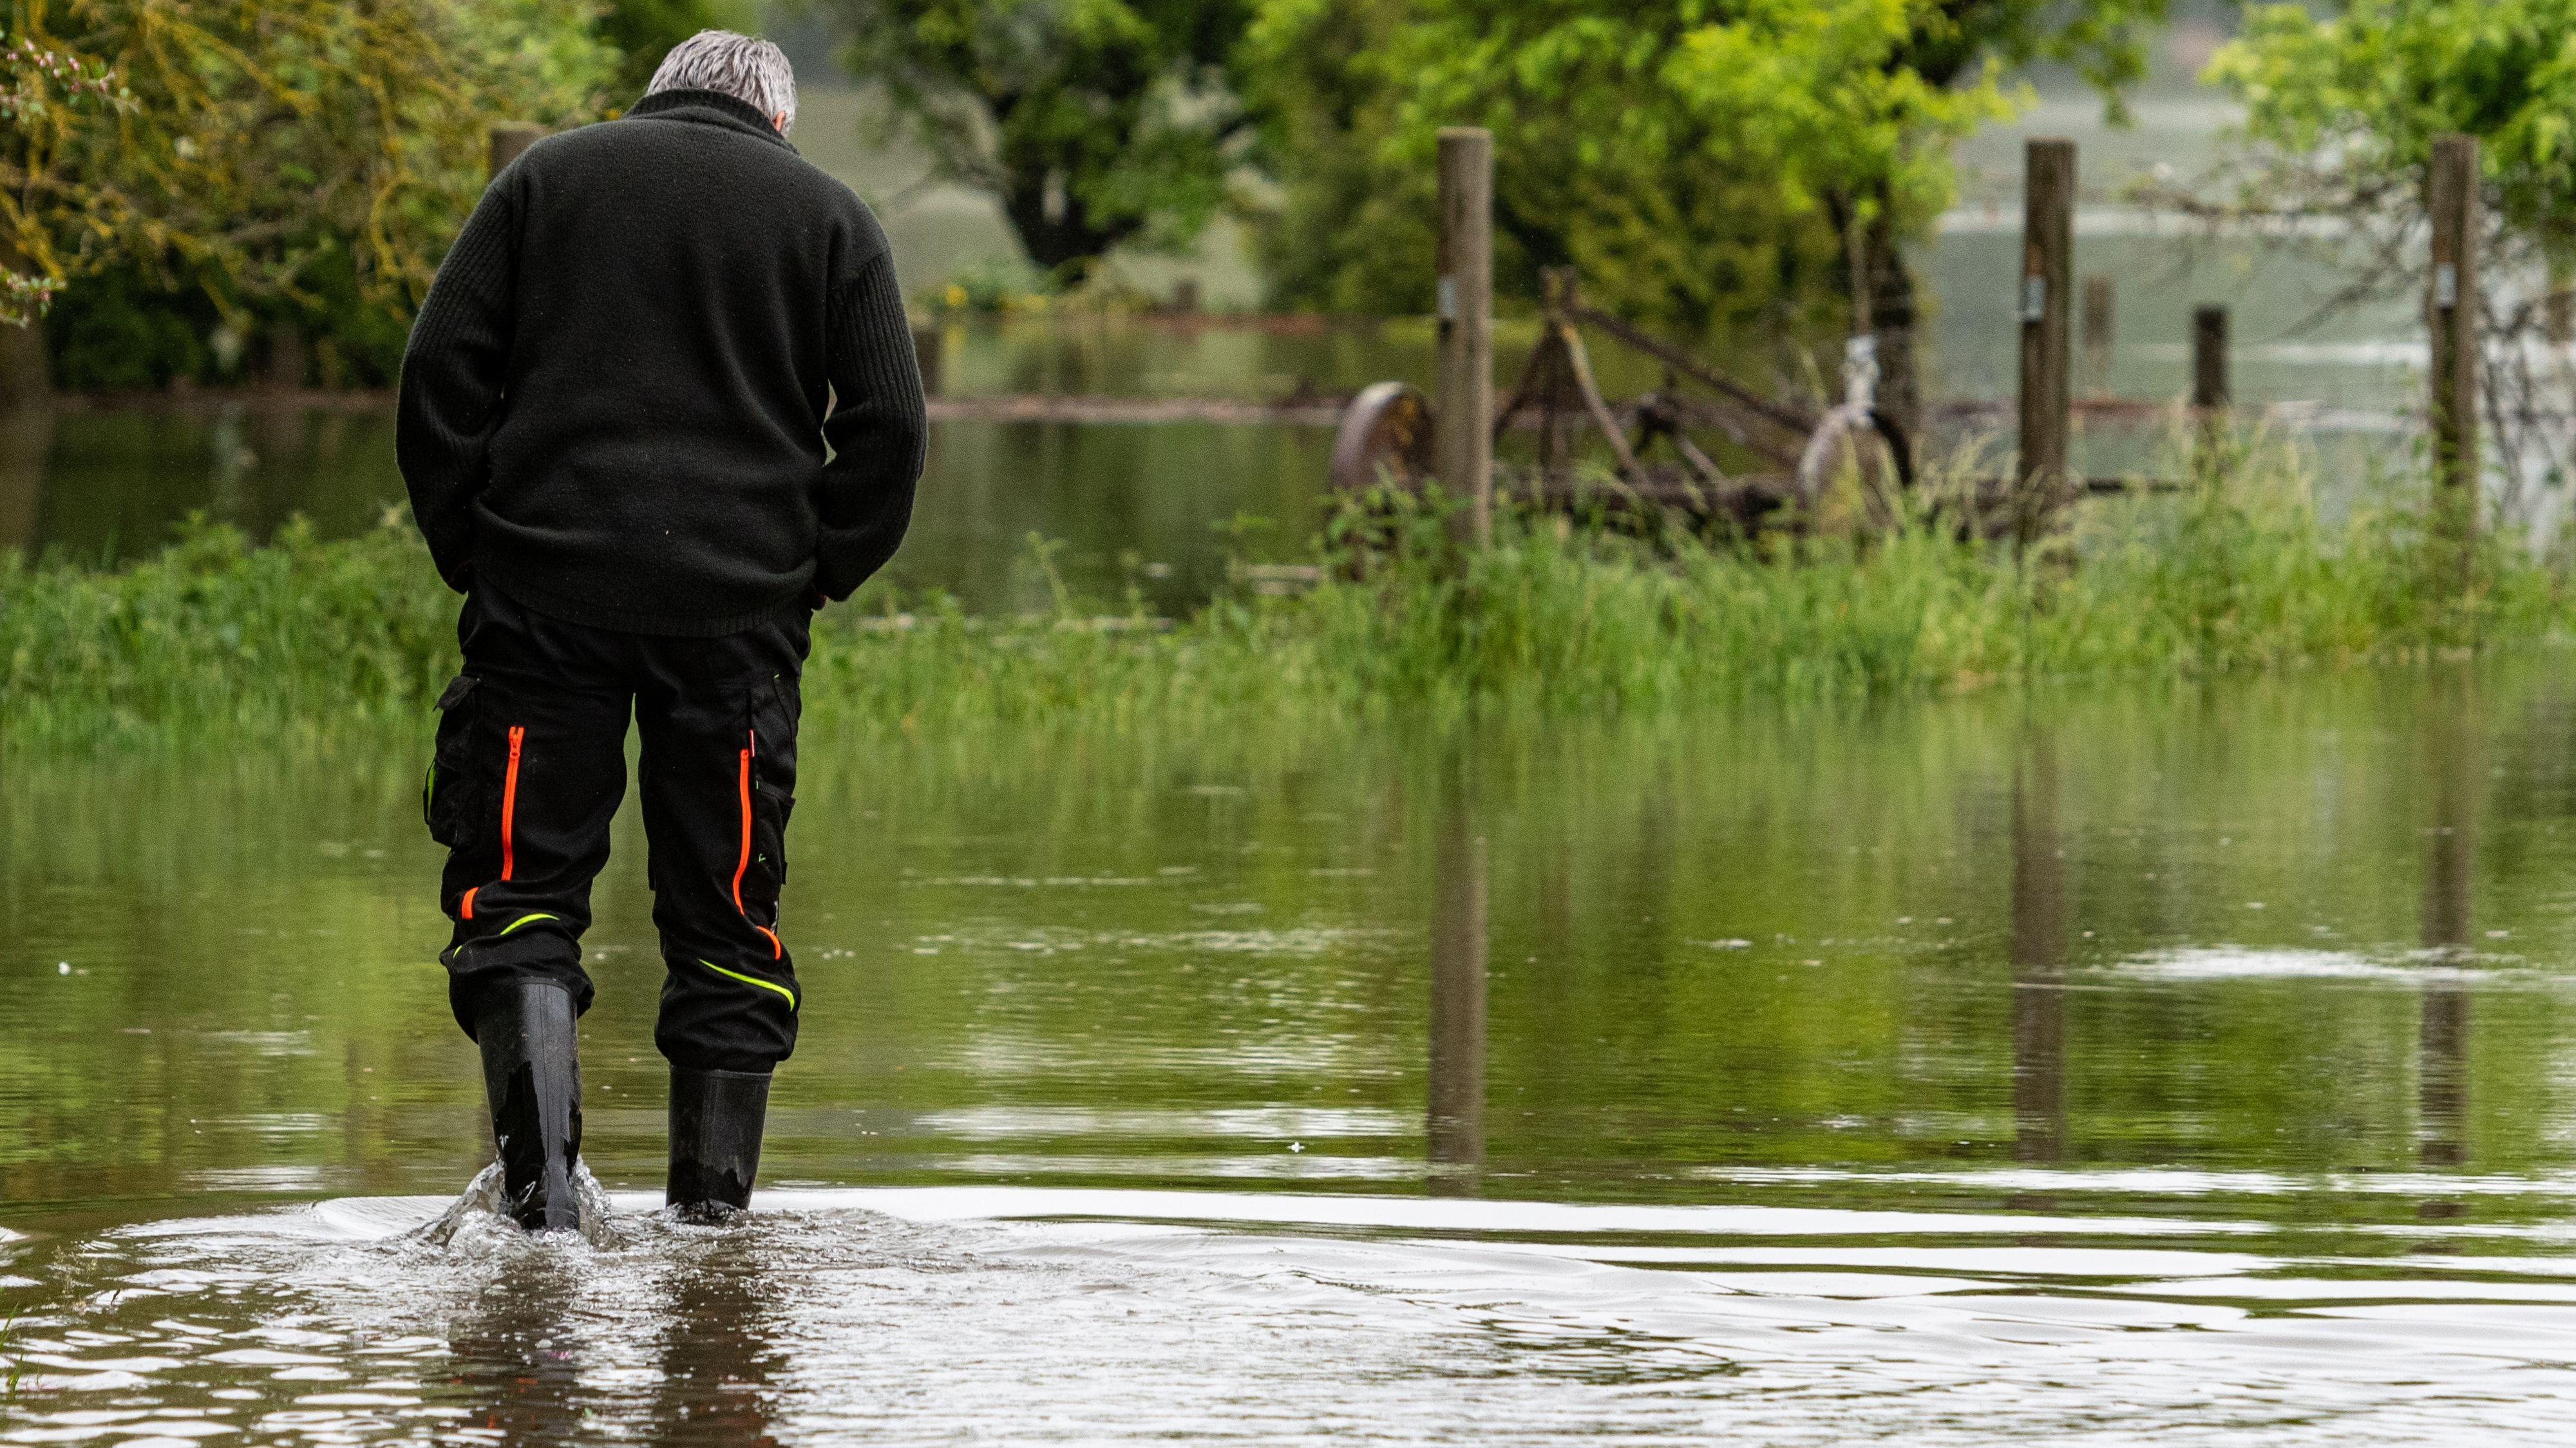 Ein Mann geht in Staubing im Landkreis Kelheim auf einer von der Donau überflutete Straße.